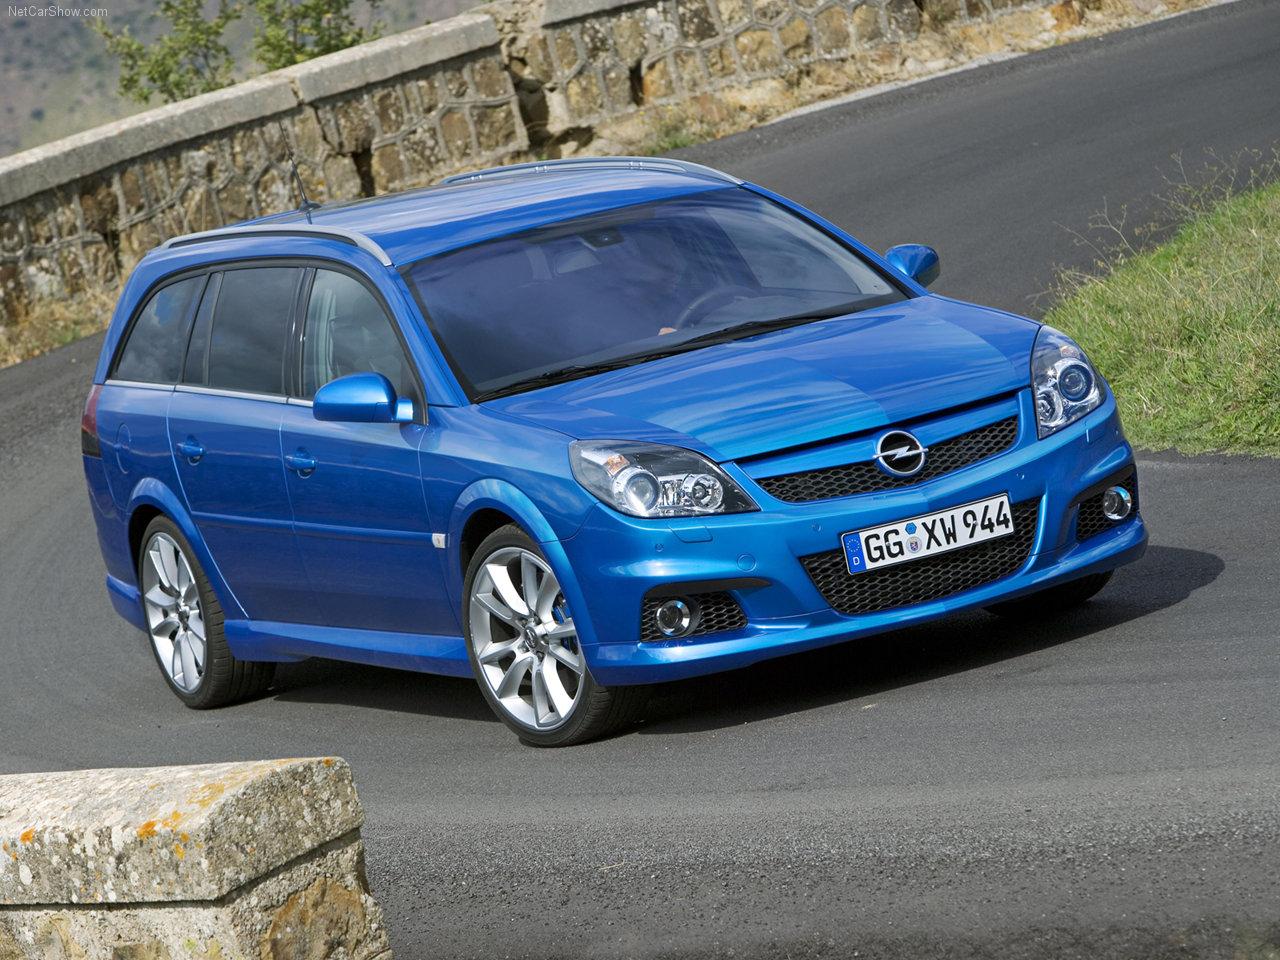 0_1475537862693_Opel-Vectra_Caravan_OPC-2006-1280-07.jpg